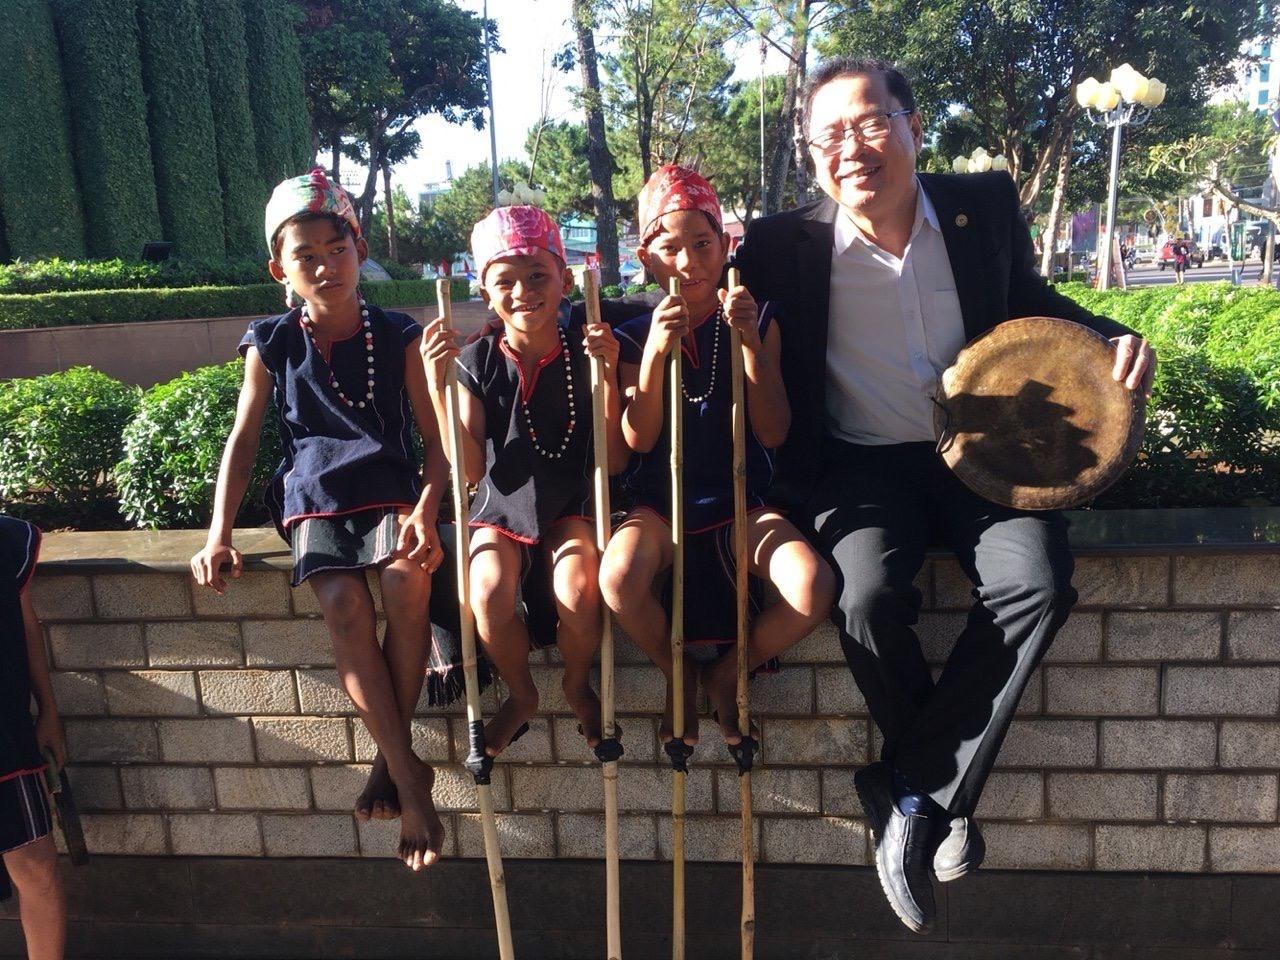 Nhạc sĩ Huỳnh Đức Long luôn nặng lòng với giai điệu quê hương. Ảnh: Đ.T